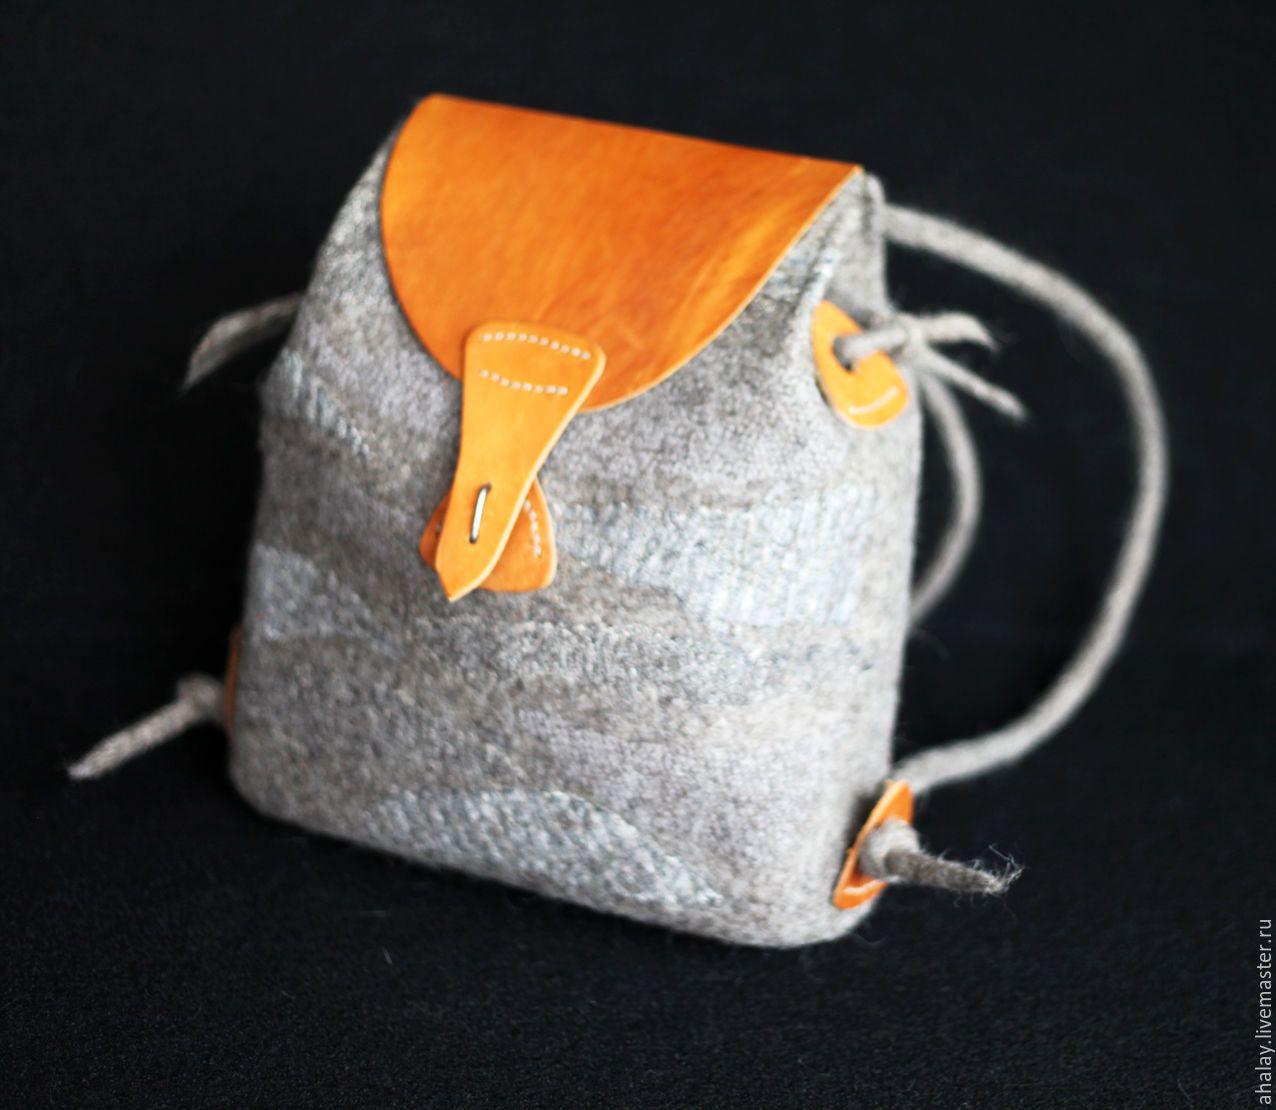 a14157f82009 Магазин мастера Алла Халайджи (Ahalay): обувь ручной работы, обучающие  материалы, женские сумки, жилеты, рюкзаки